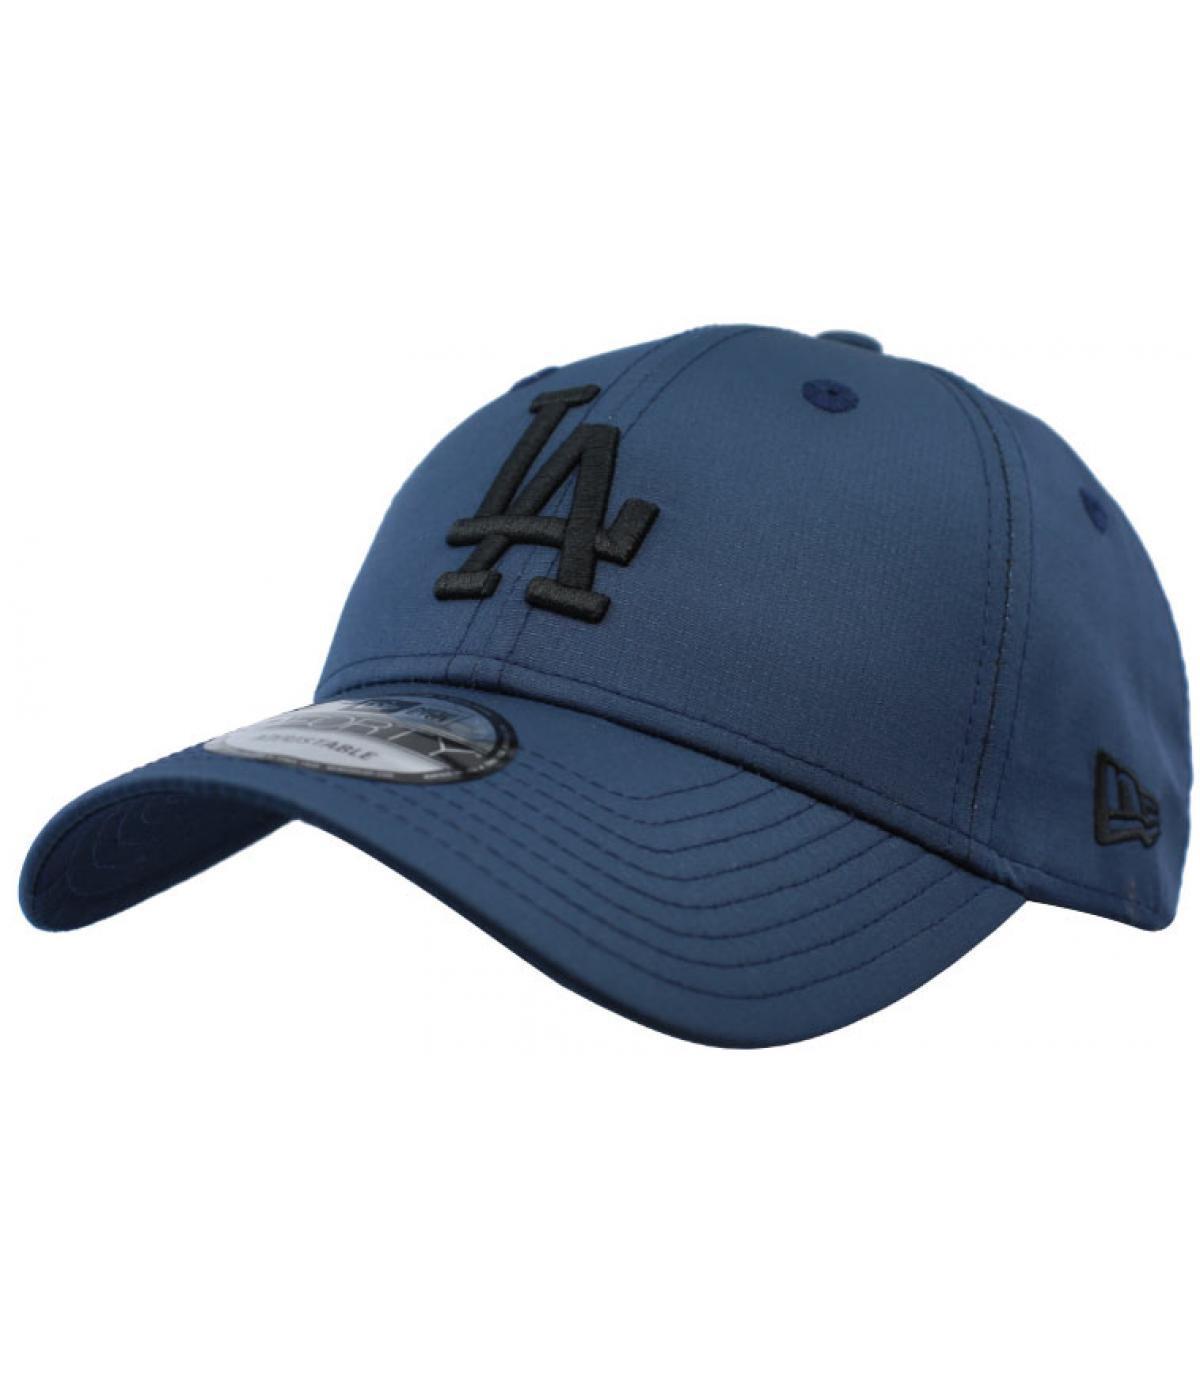 casquette LA bleu noir